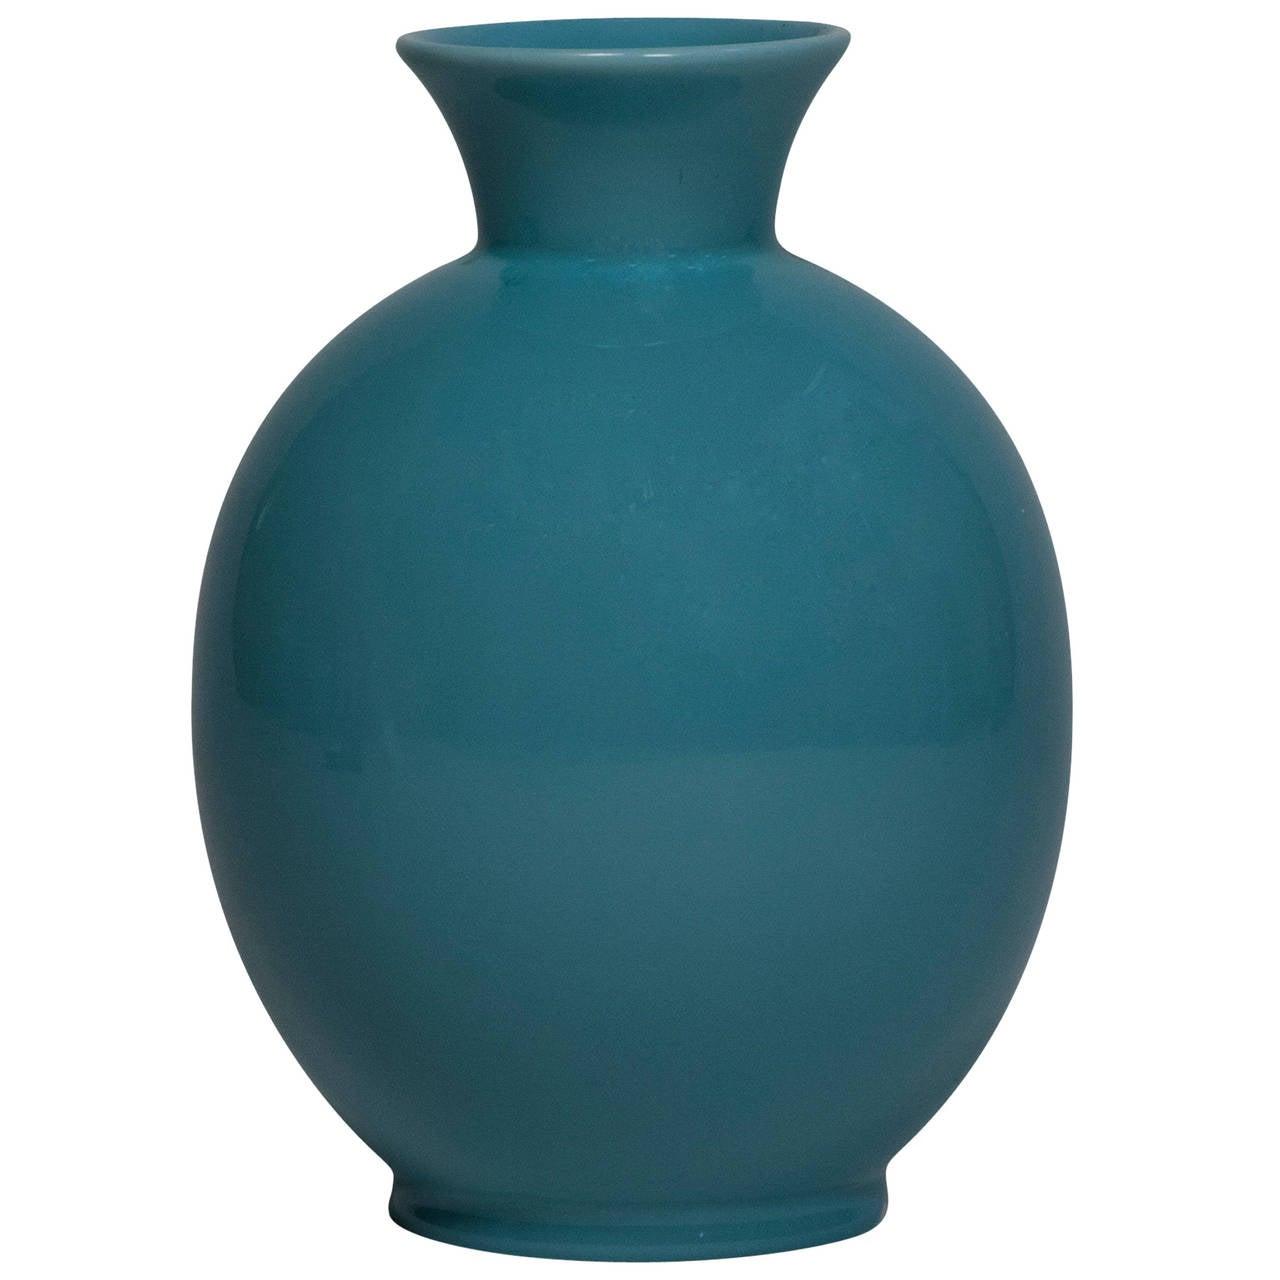 villeroy and boch ceramic vase at 1stdibs. Black Bedroom Furniture Sets. Home Design Ideas